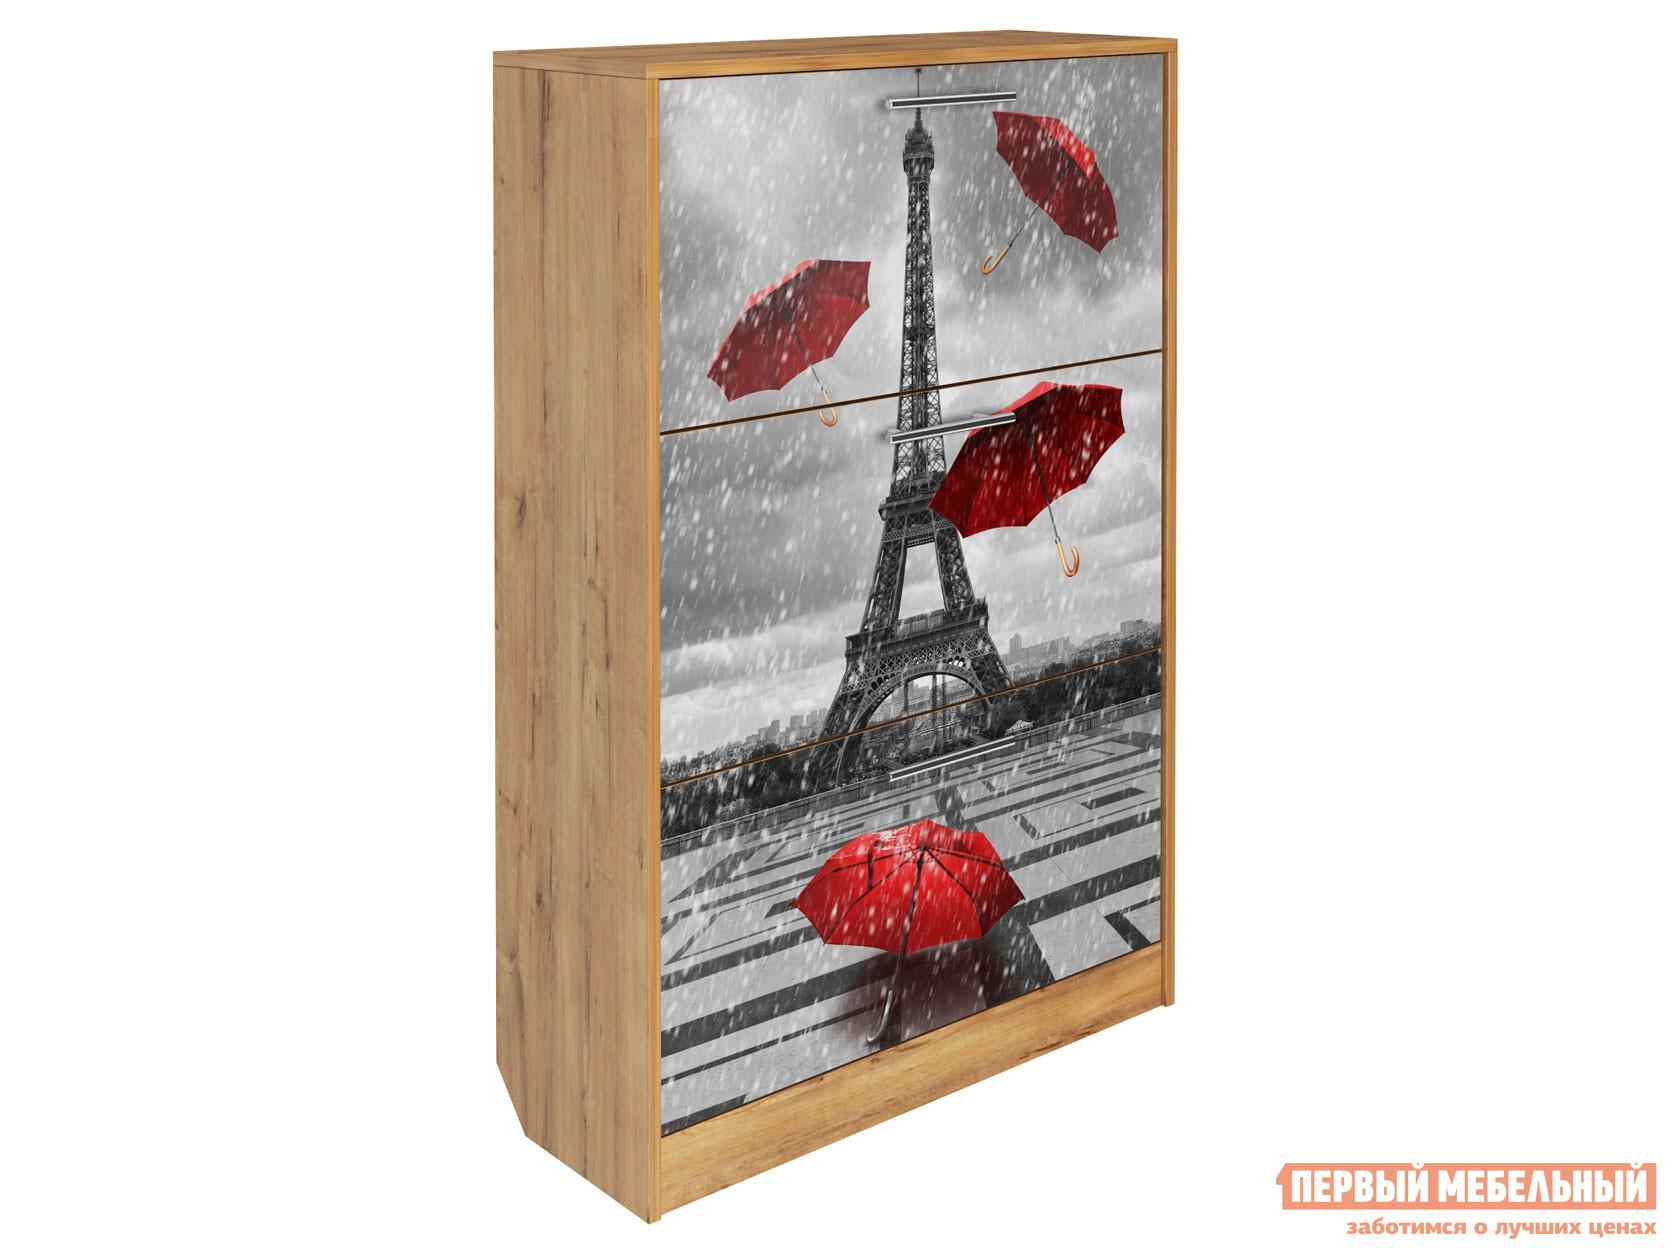 Обувница Первый Мебельный Париж